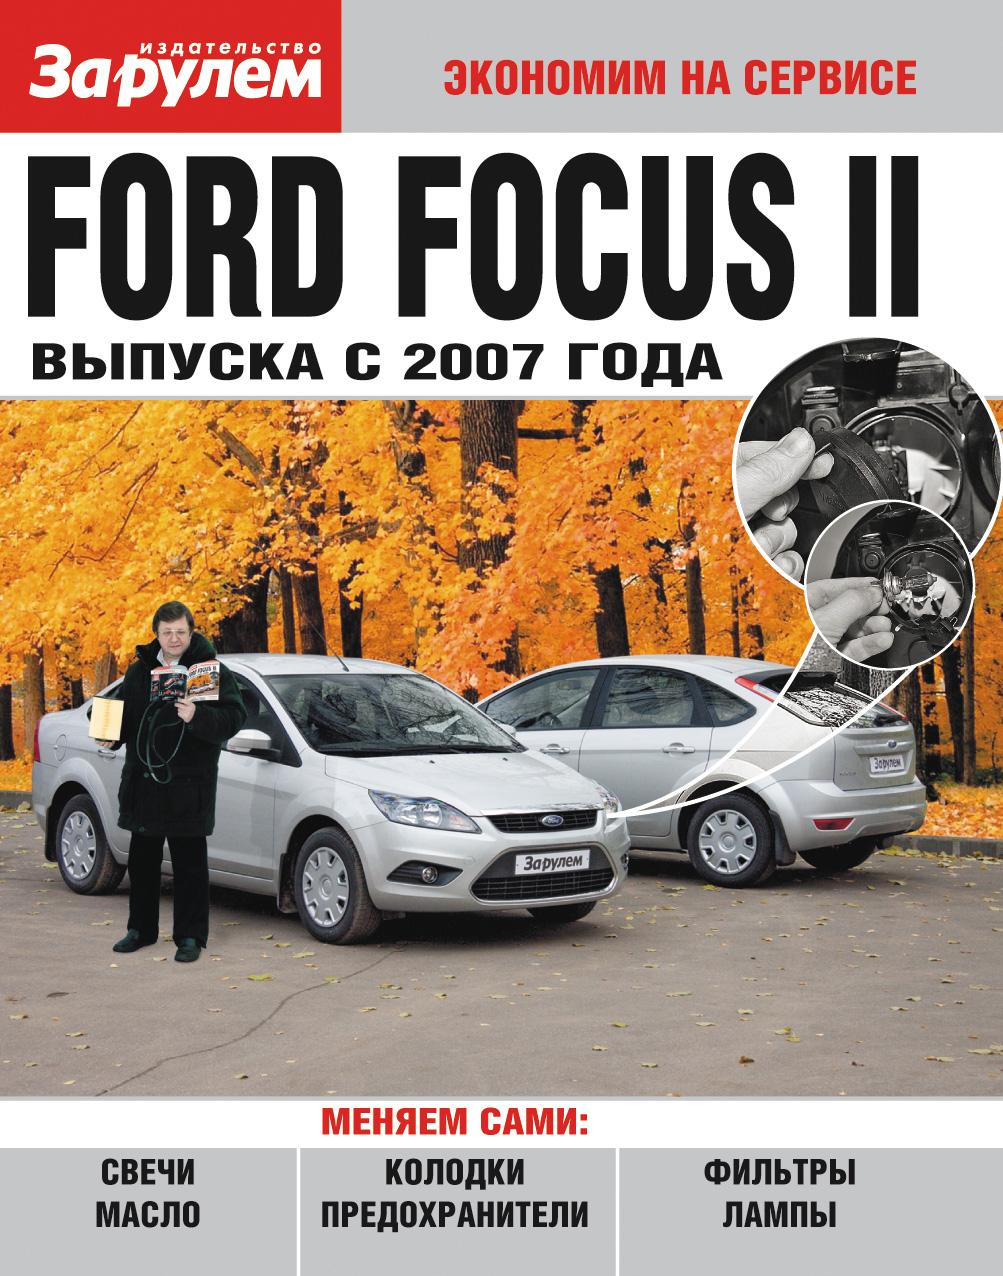 цена Отсутствует Ford Focus II выпуска с 2007 года